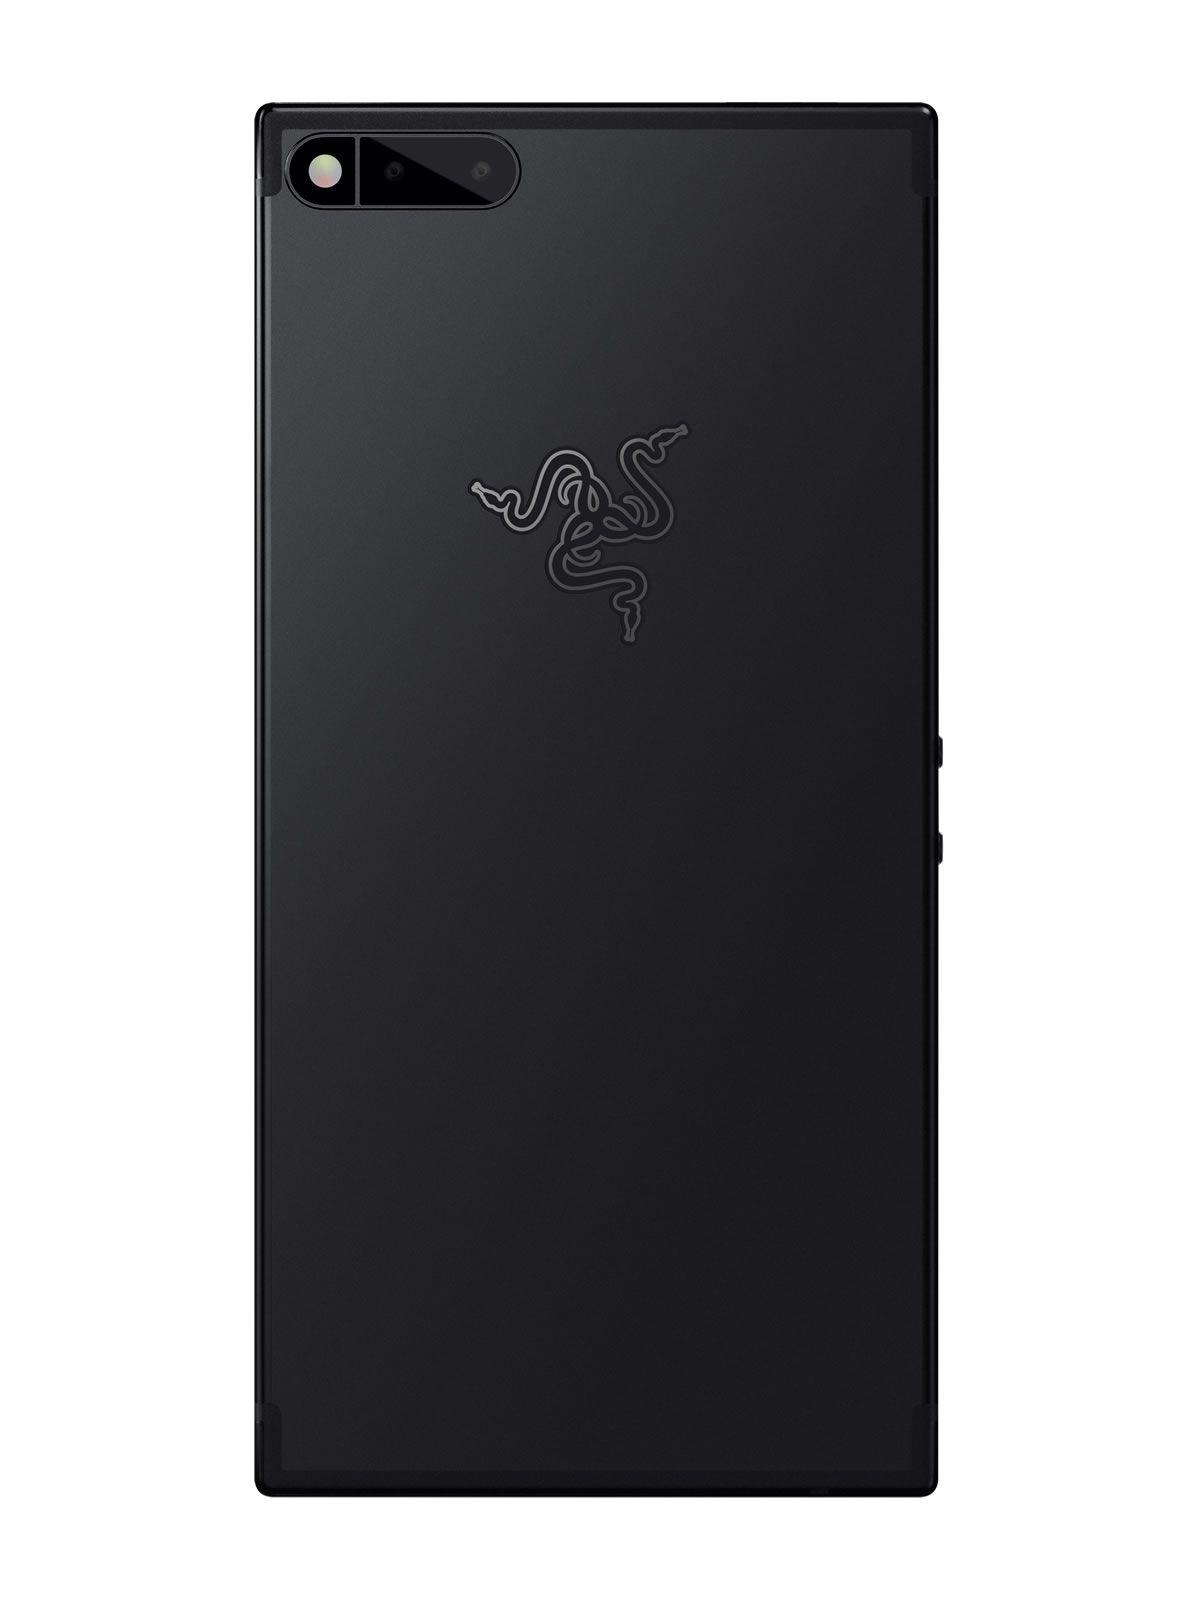 Razer Phone